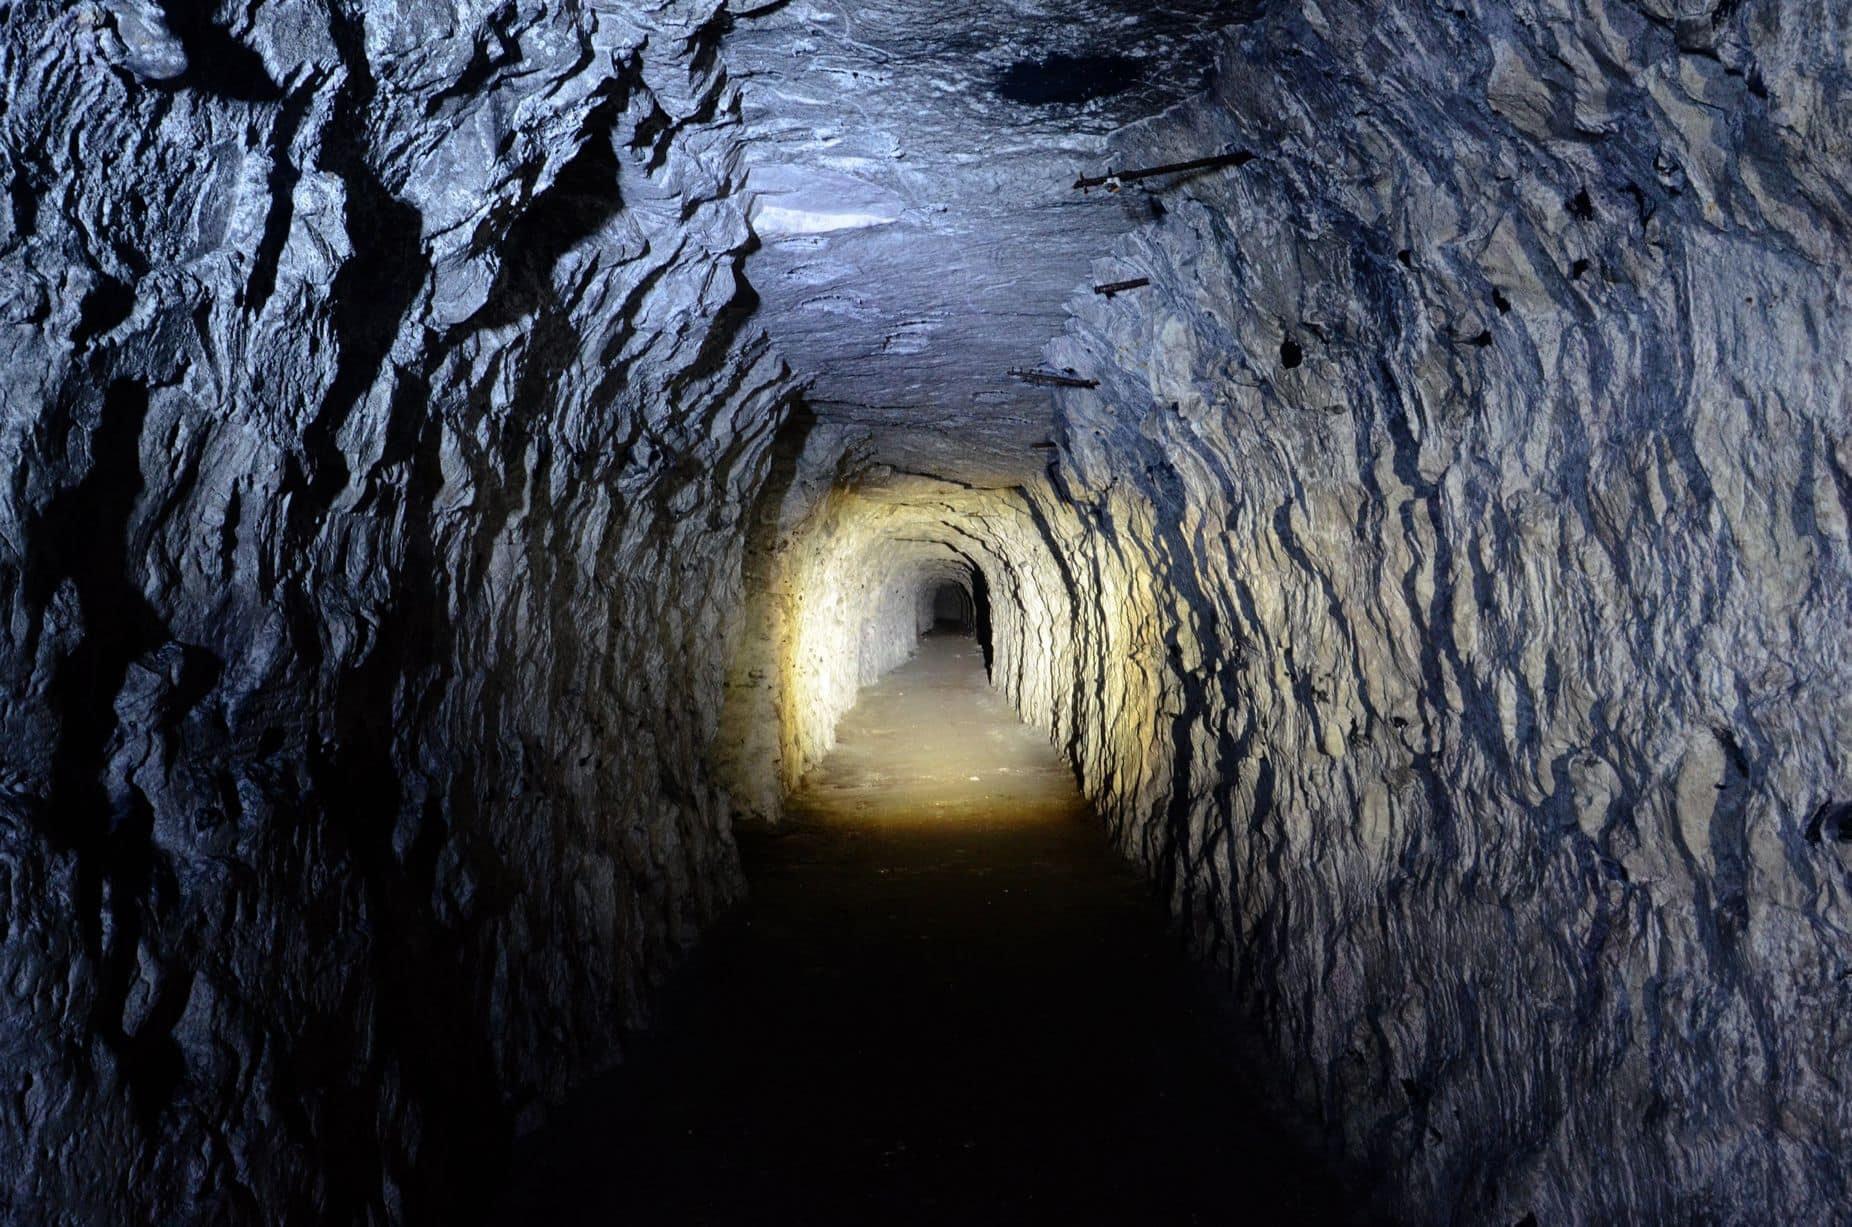 ramsgate tunnel